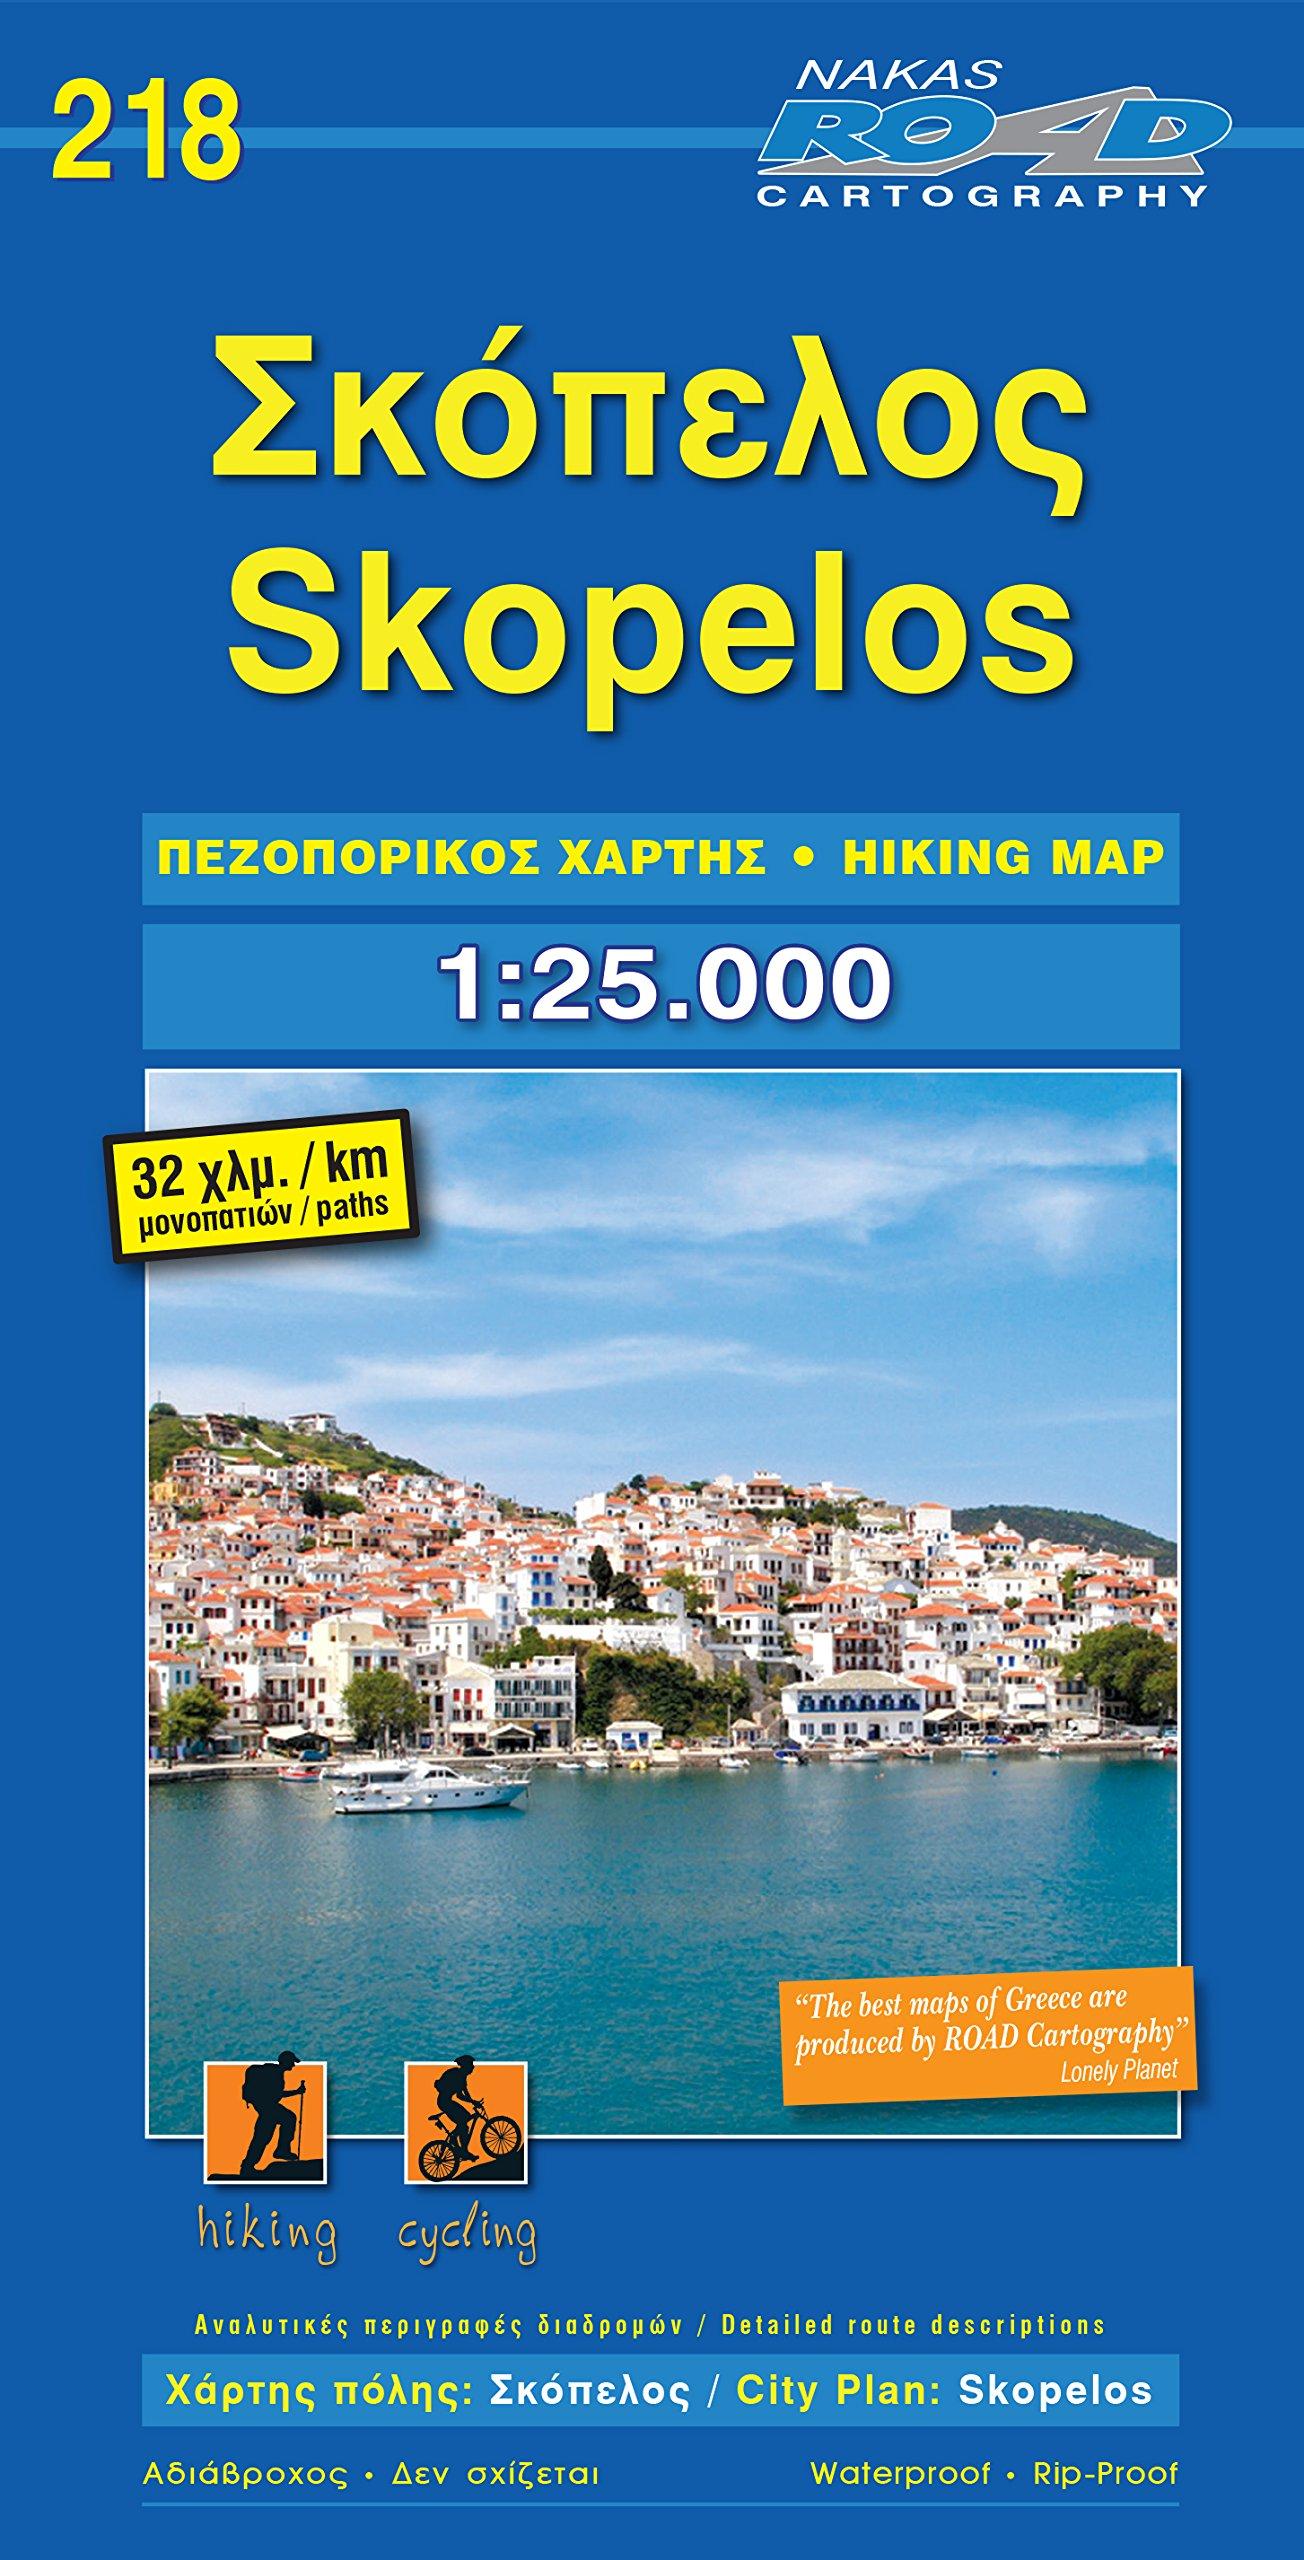 skopelos-1-25-000